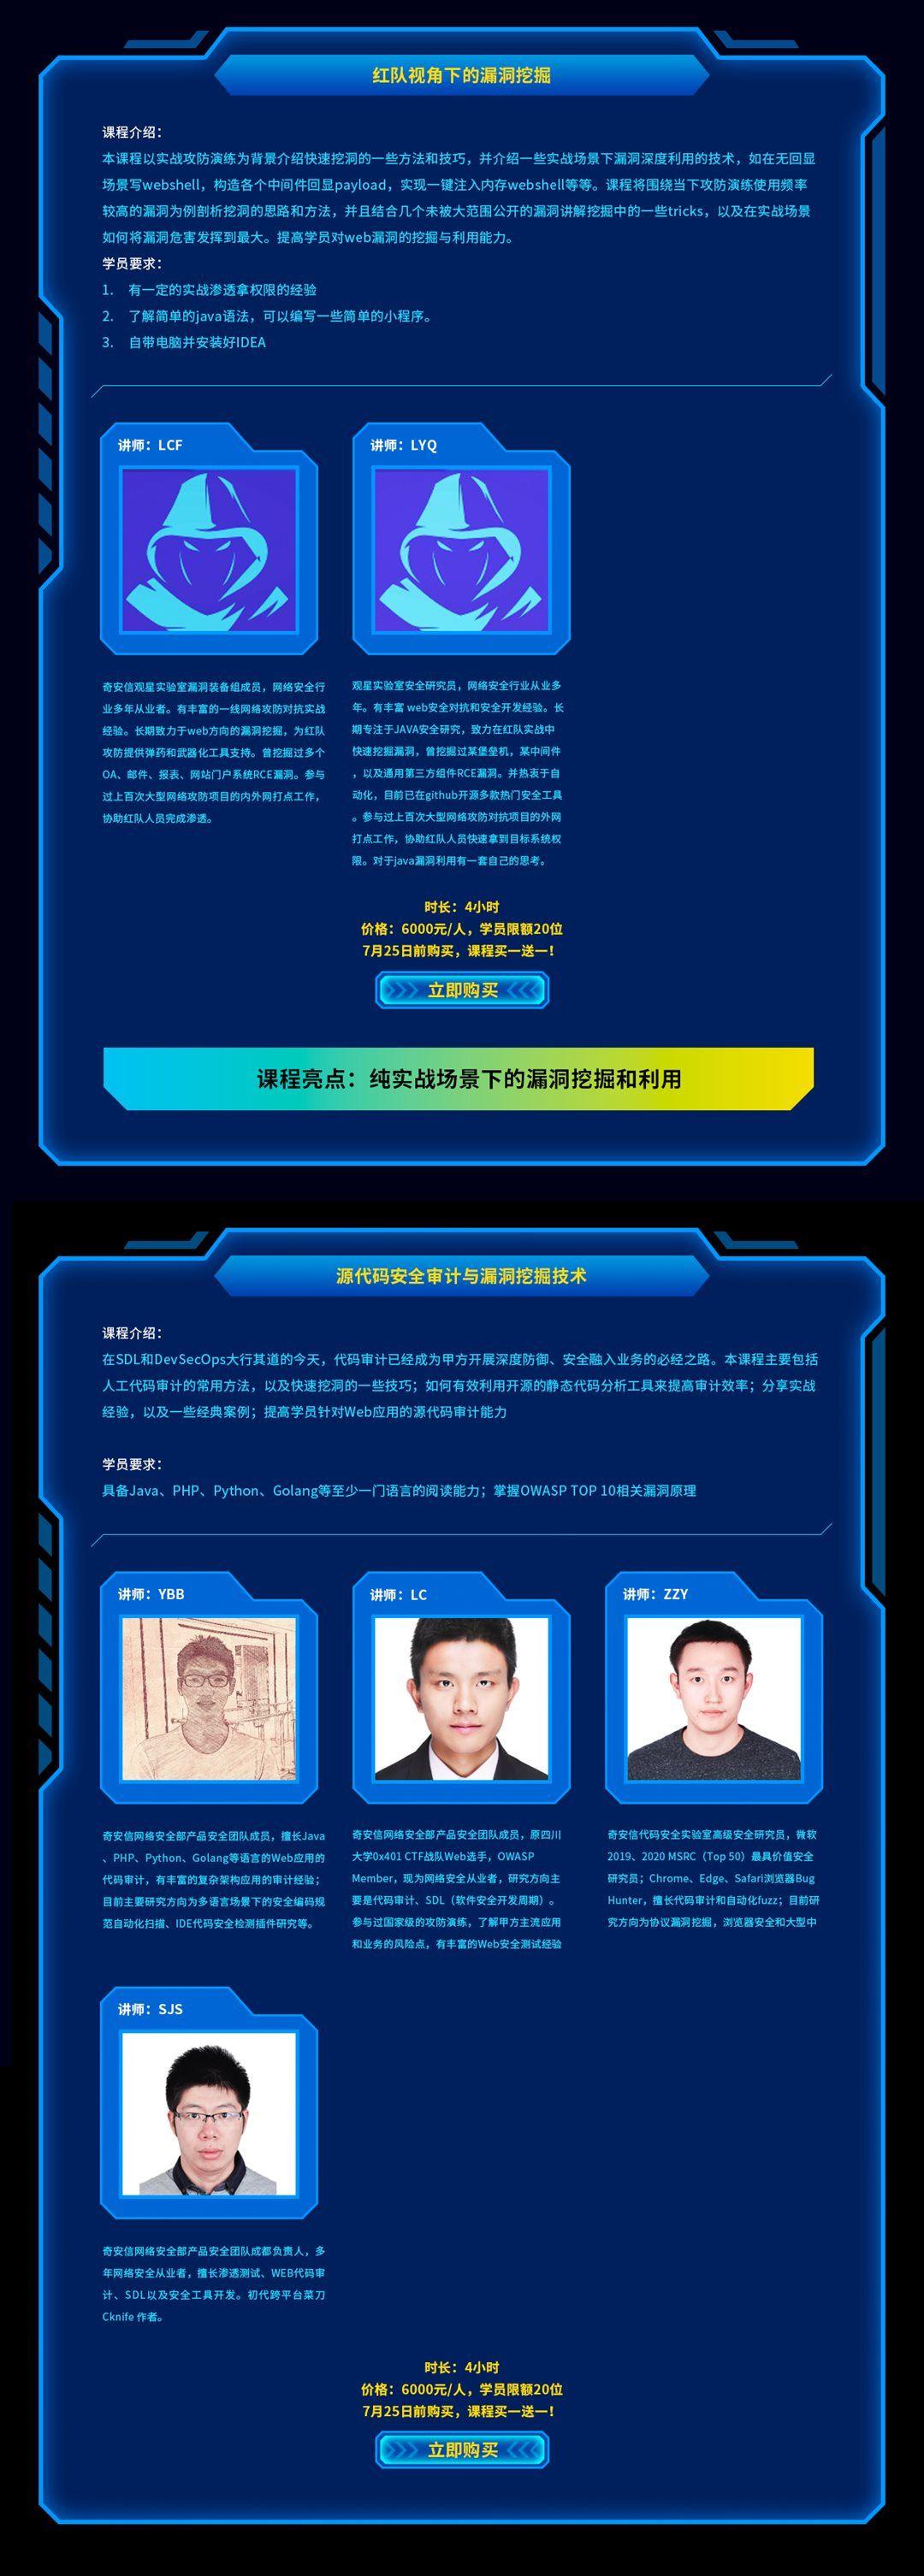 蓝信+图片_0880c08b0110b6b8c713.png